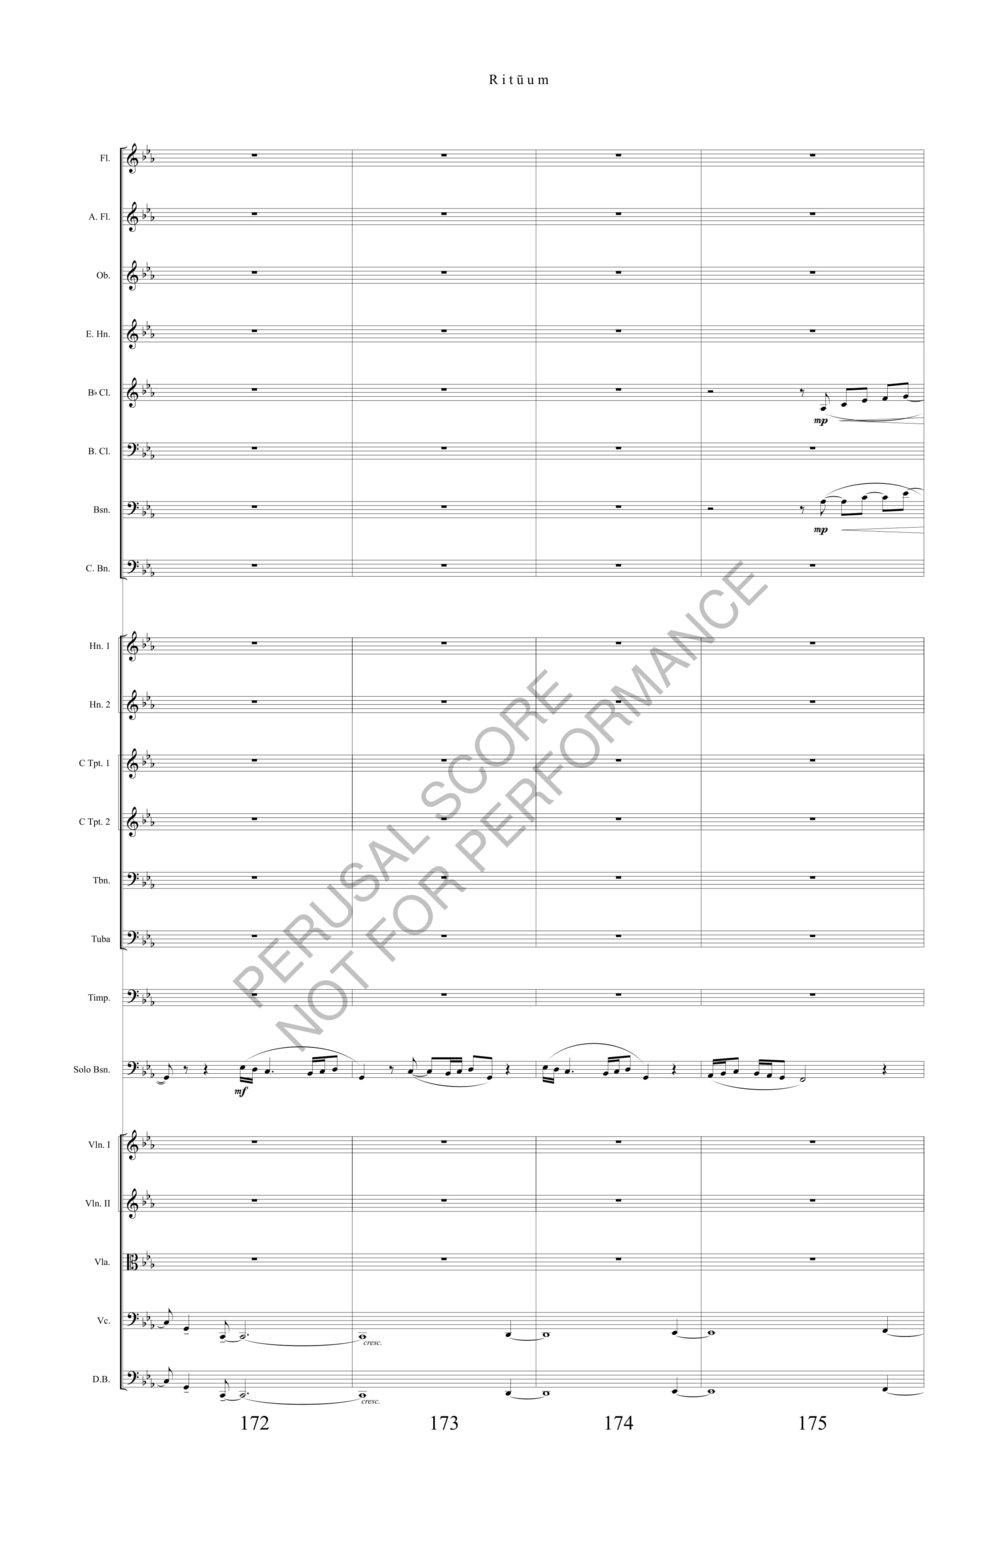 Boyd Rituum Score-watermark (1)-42.jpg